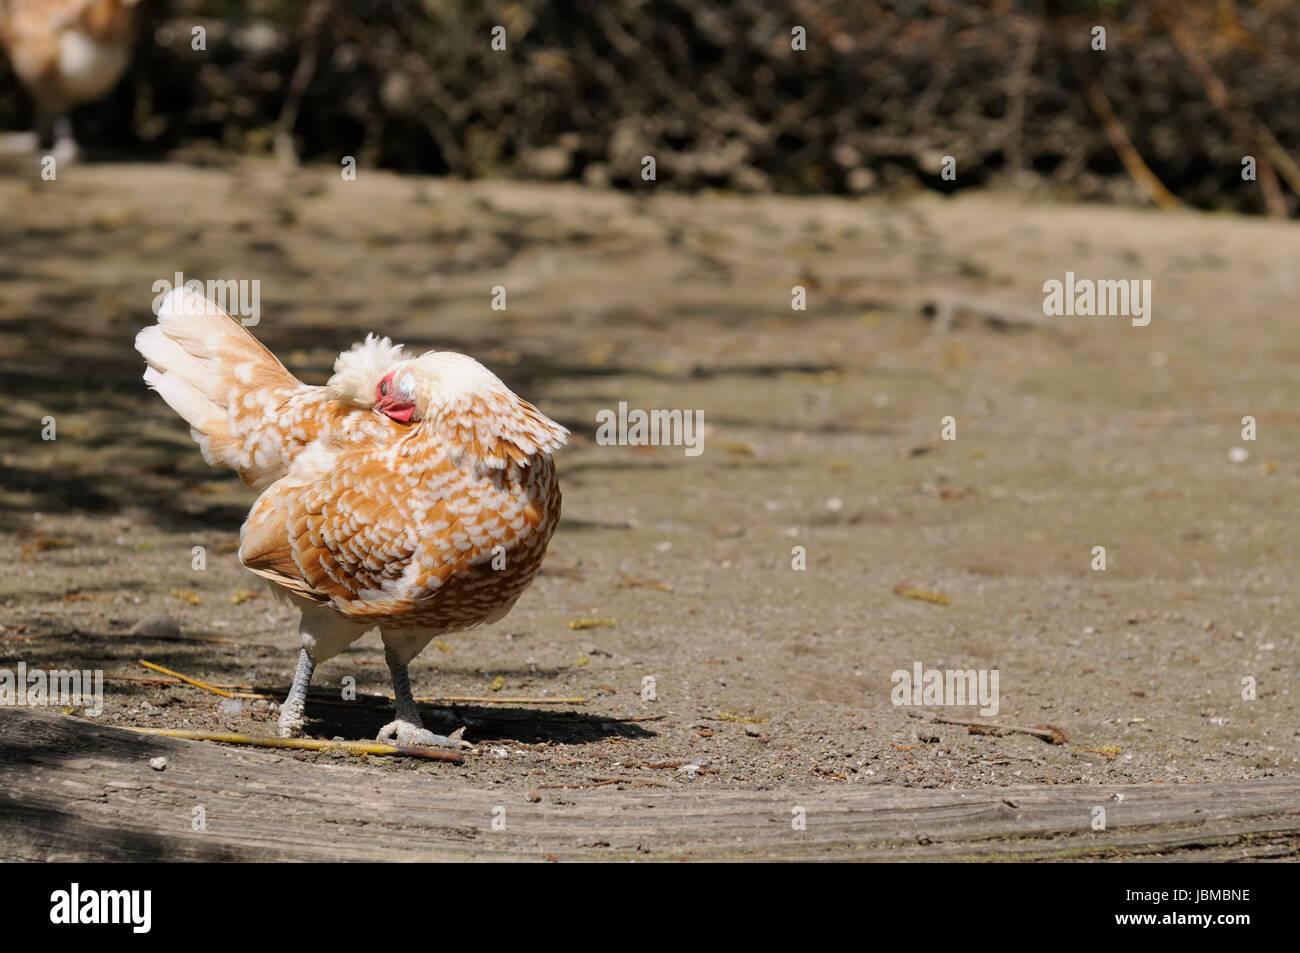 Appenzeller Chicken Stock Photo 144892426 Alamy